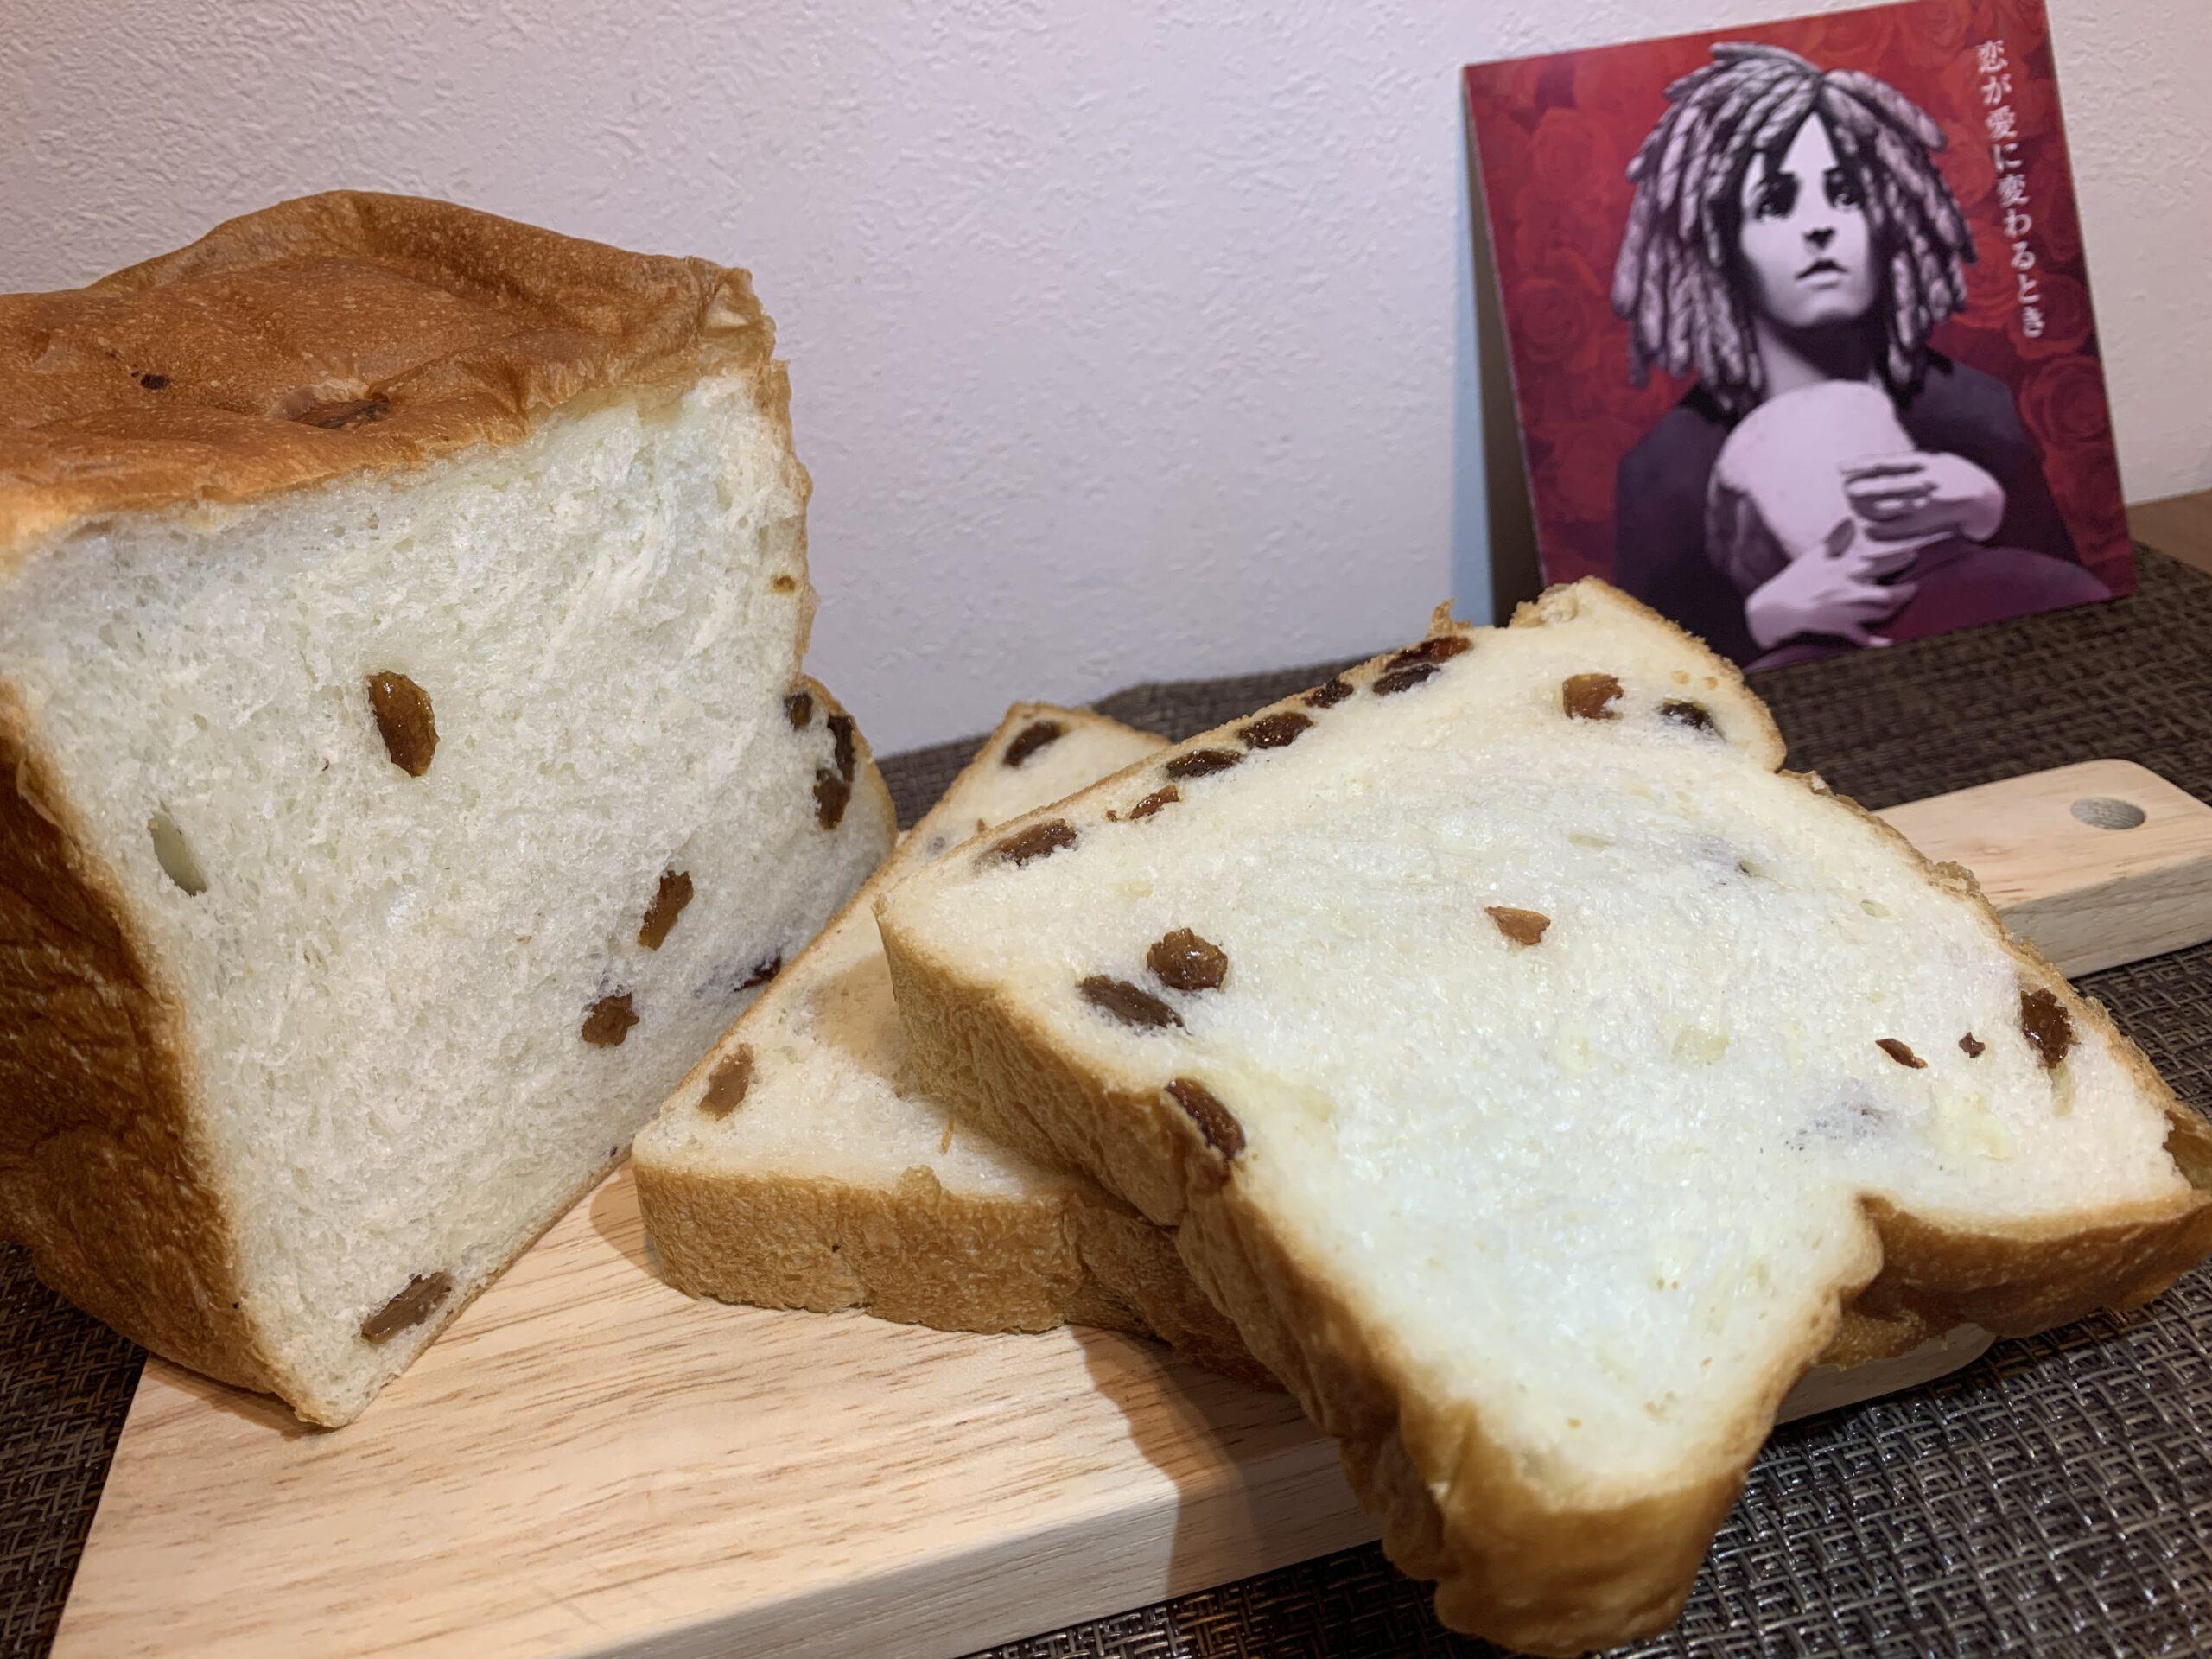 食パン専門店・恋が愛に変わるとき(富山市)食べ比べしてみた